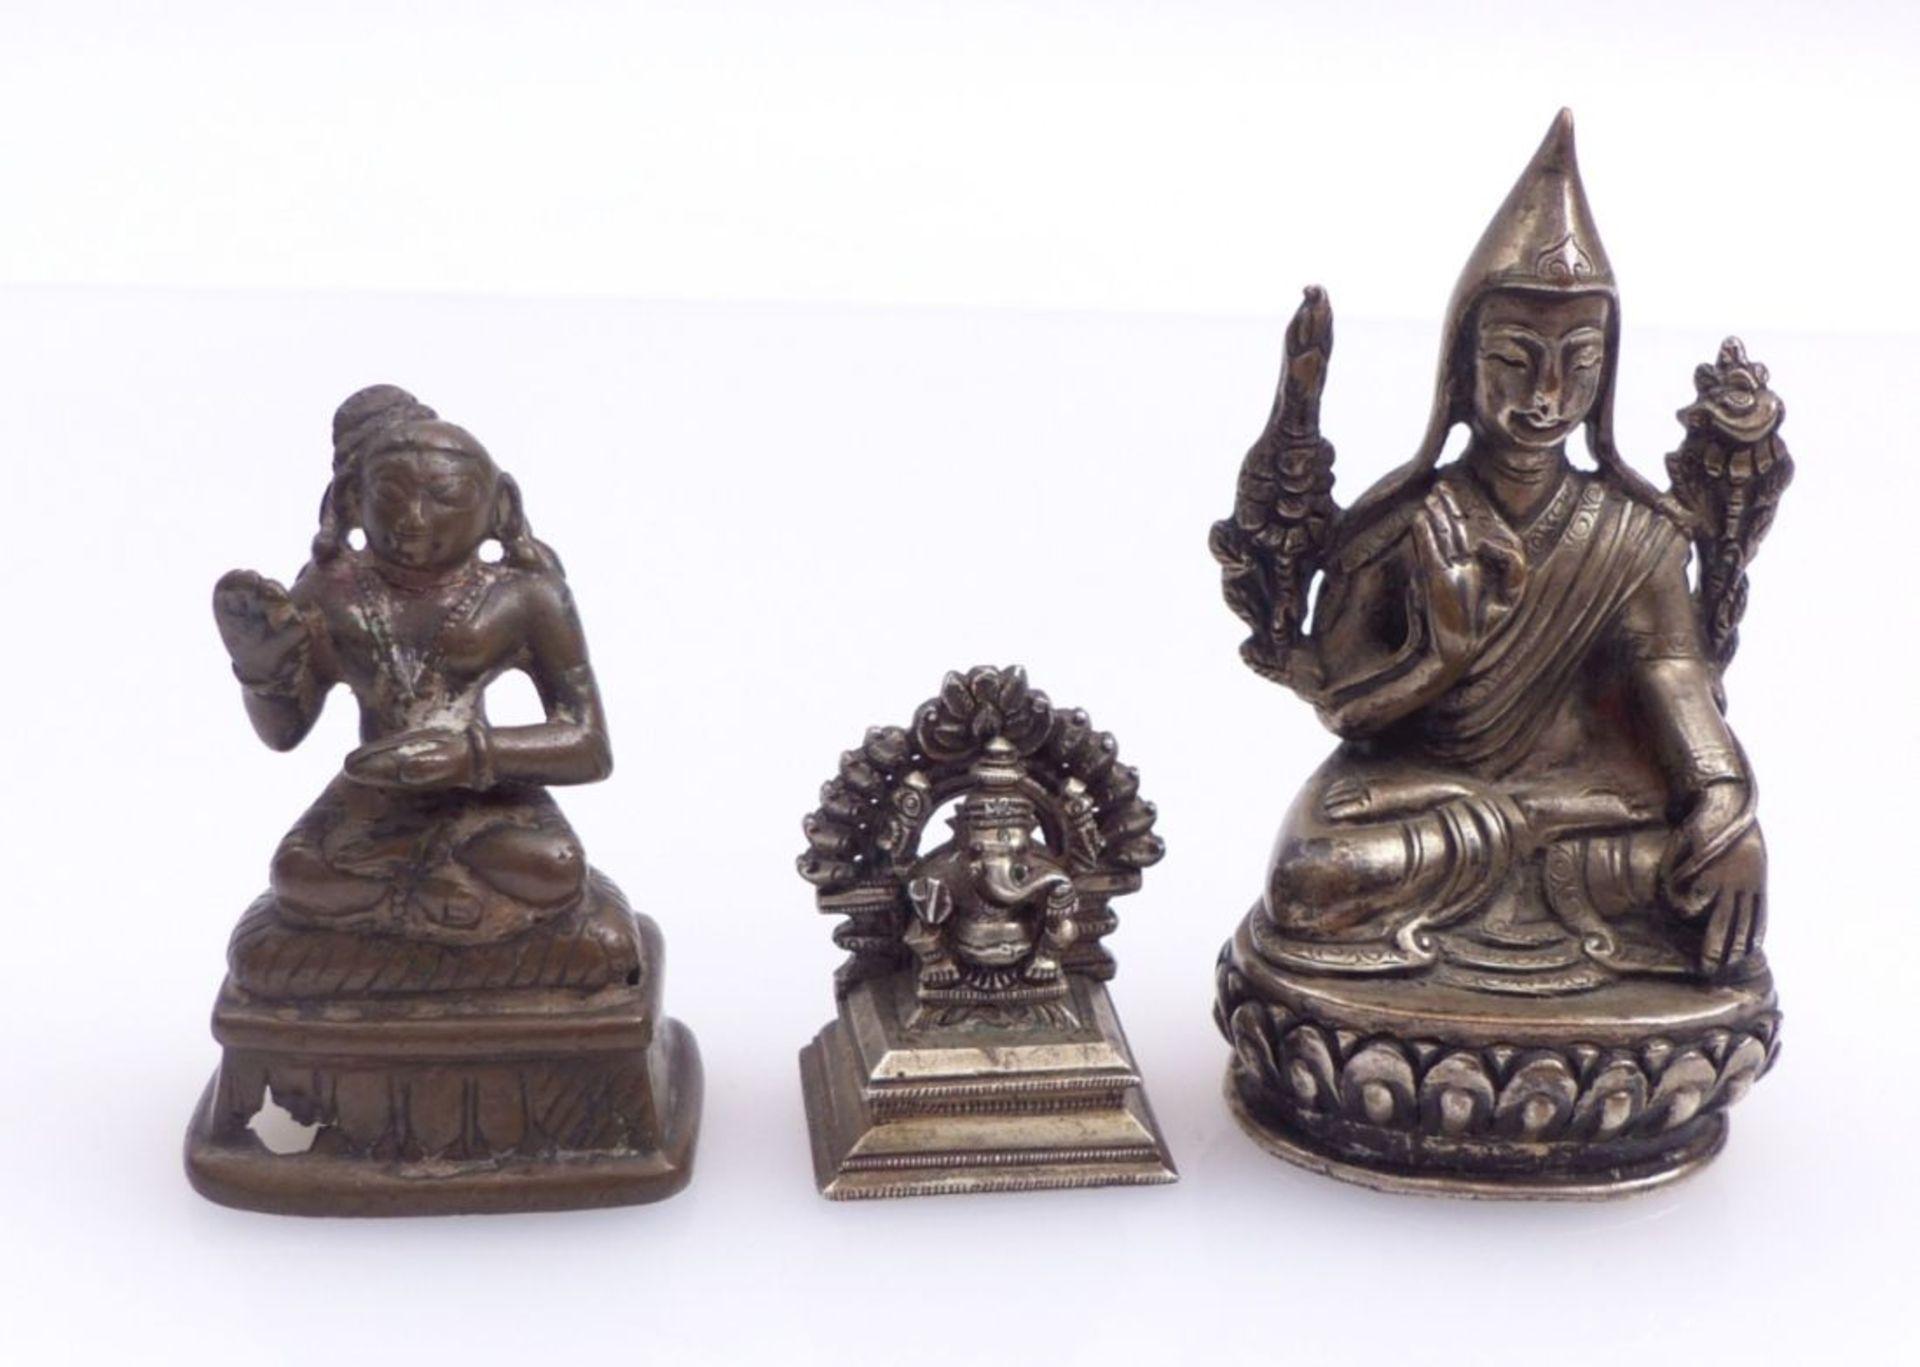 Drei Miniaturfiguren thronender, asiatischer Gottheiten - Bild 2 aus 4